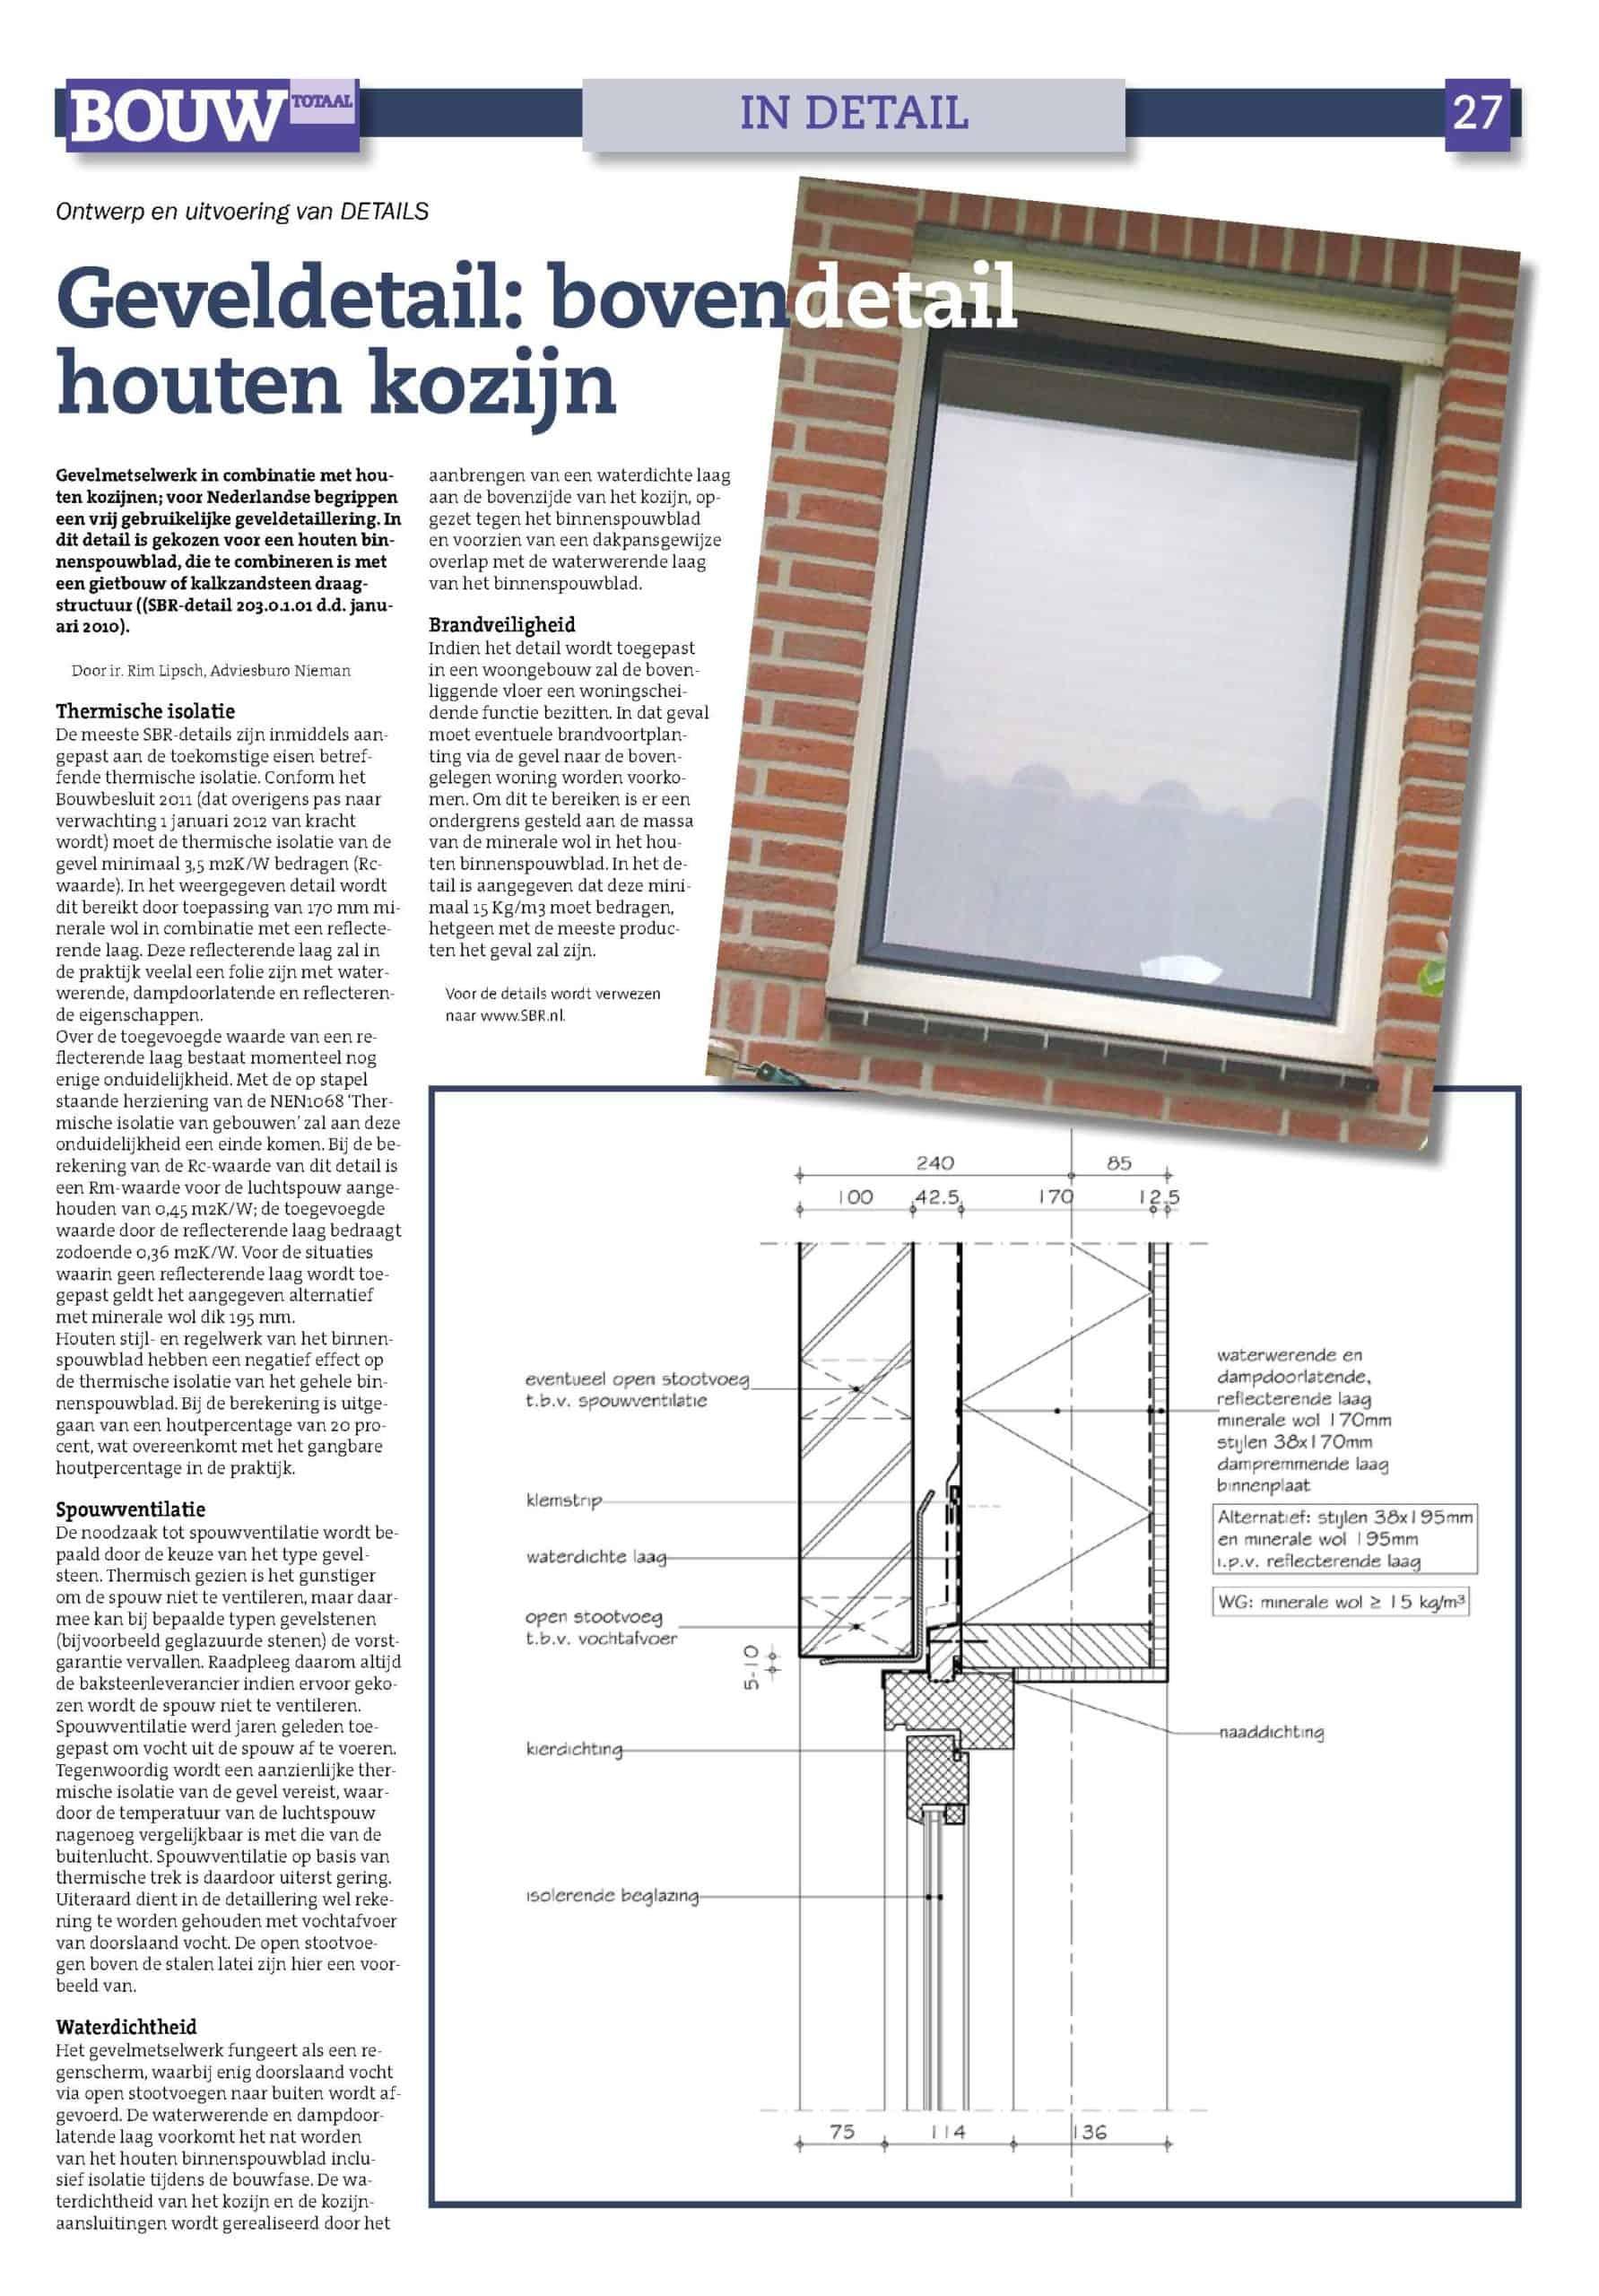 Bouwtotaal_BT.10.10.Detail_Geveldetail-bovendetail-houten-kozijn_RLi-1-scaled